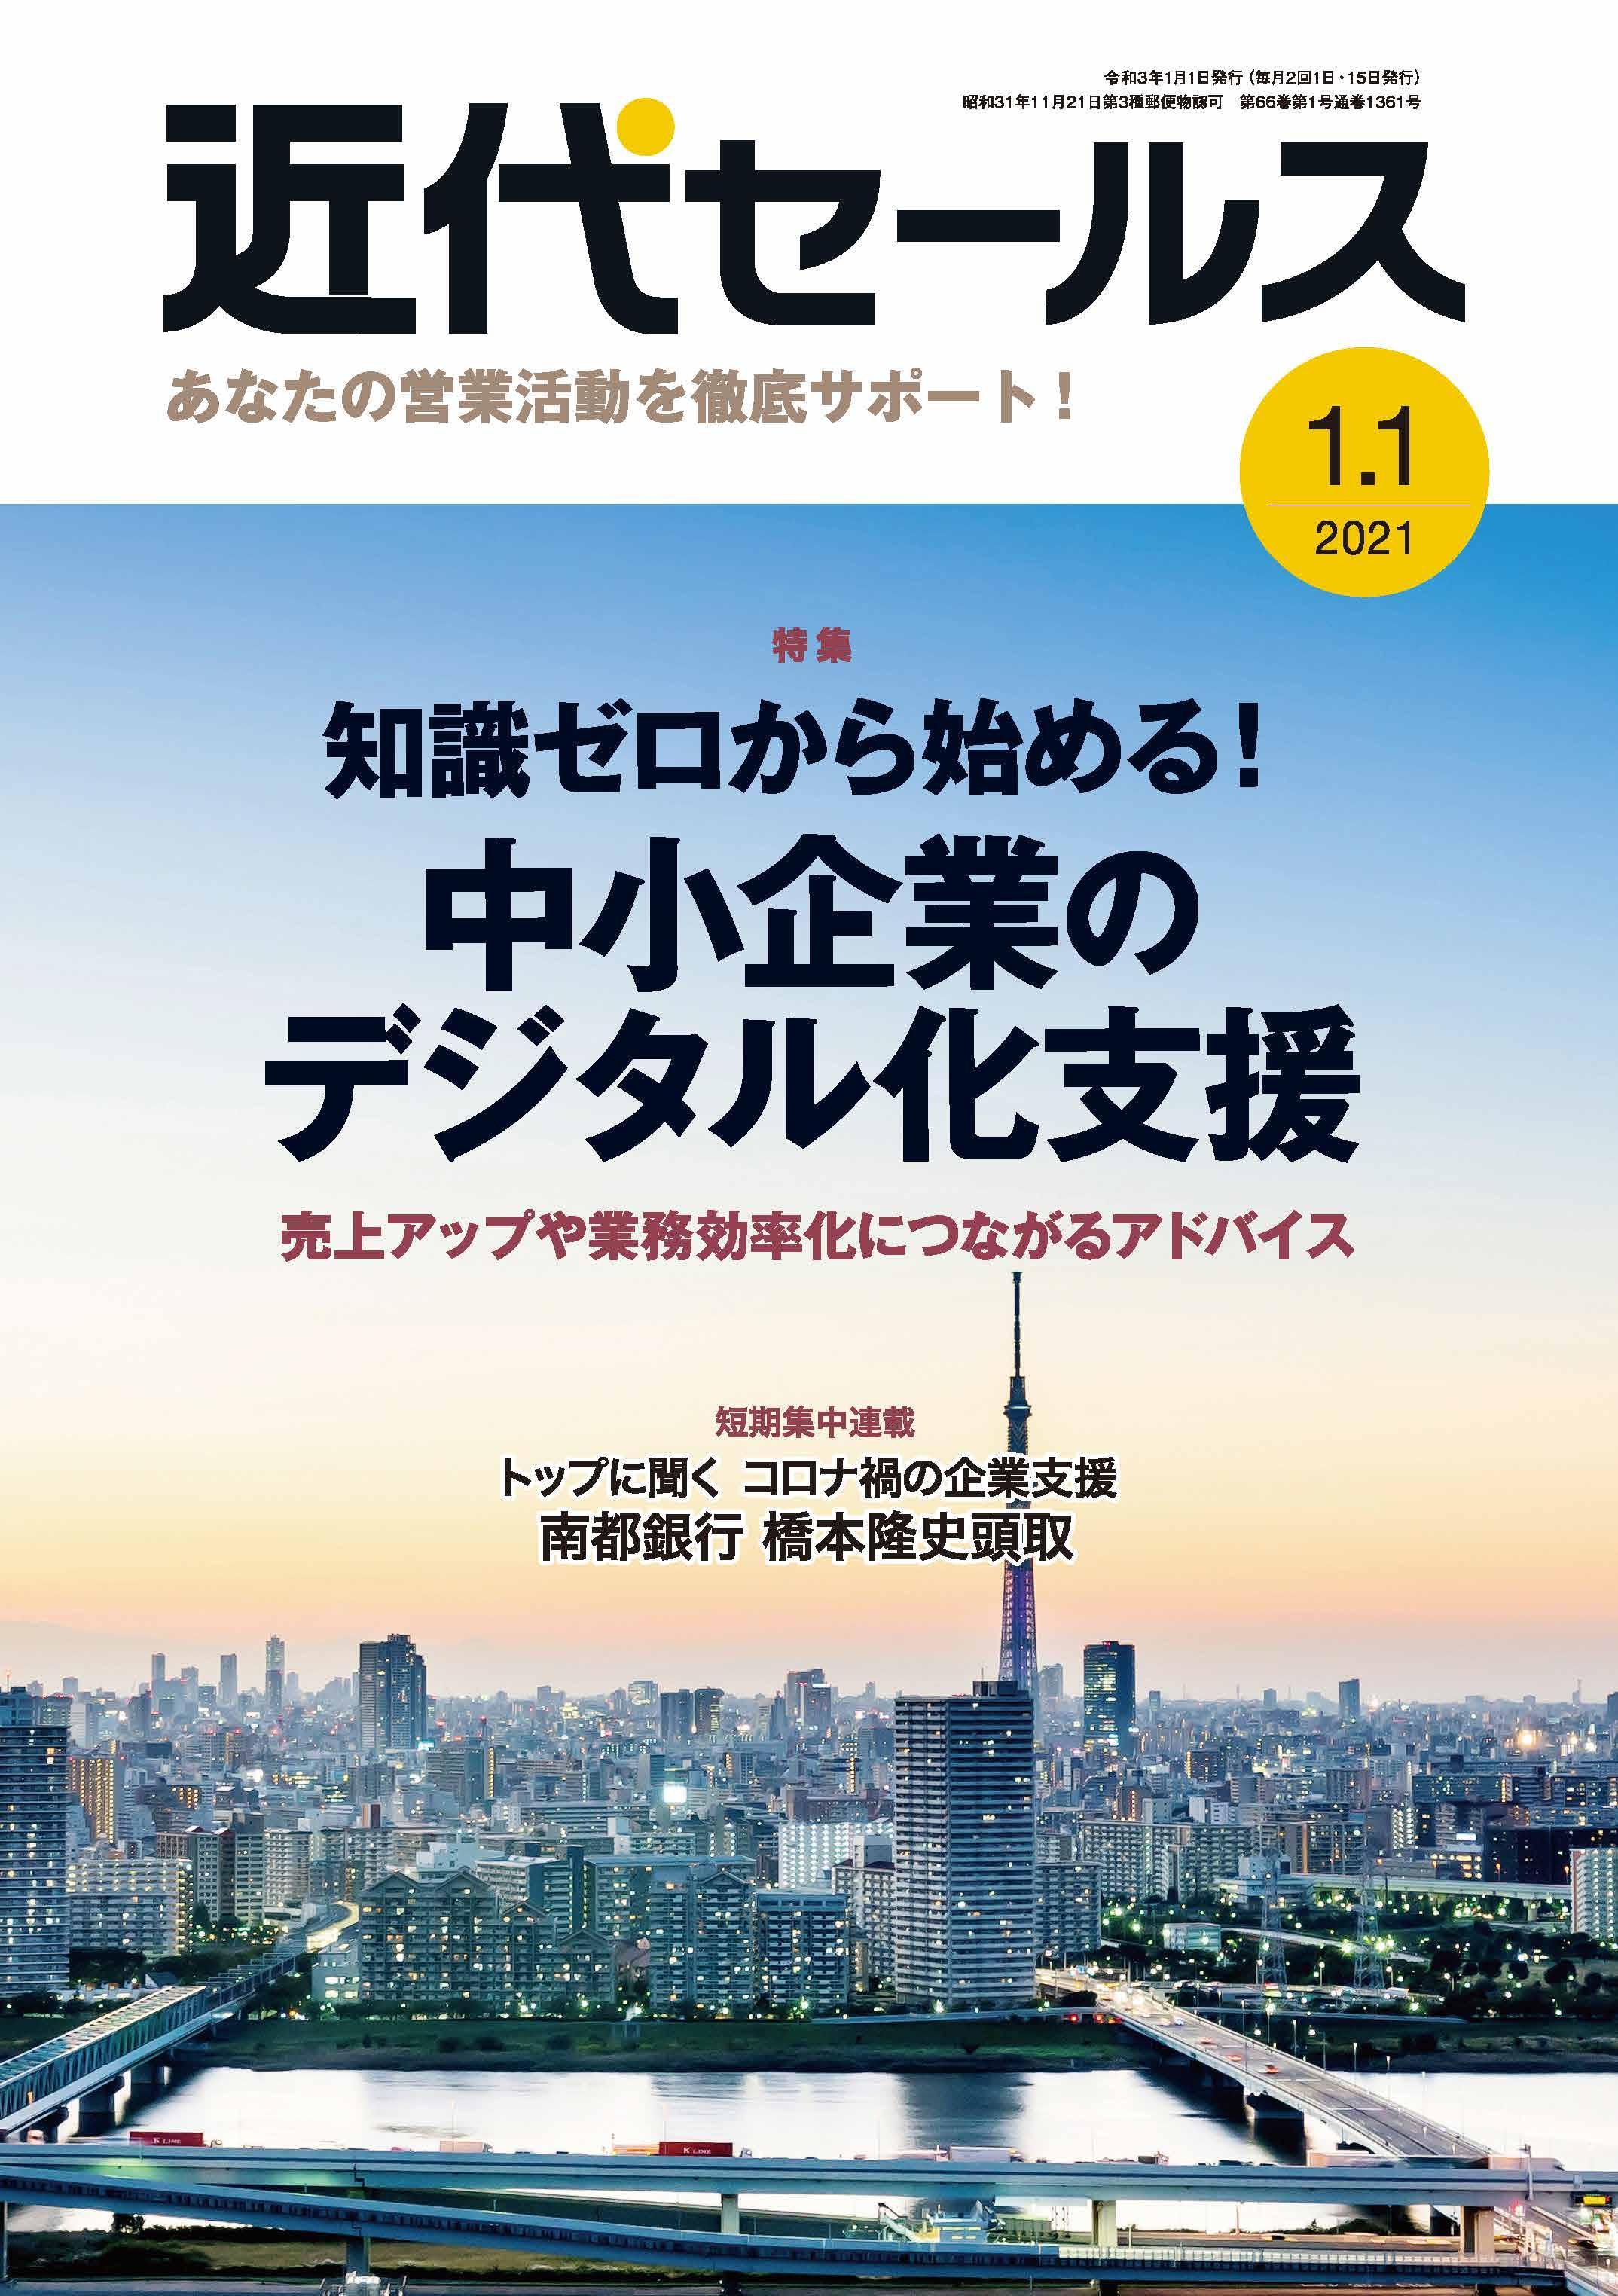 鈴木俊弁護士が執筆した包括担保法制の議論に関する記事が掲載されました